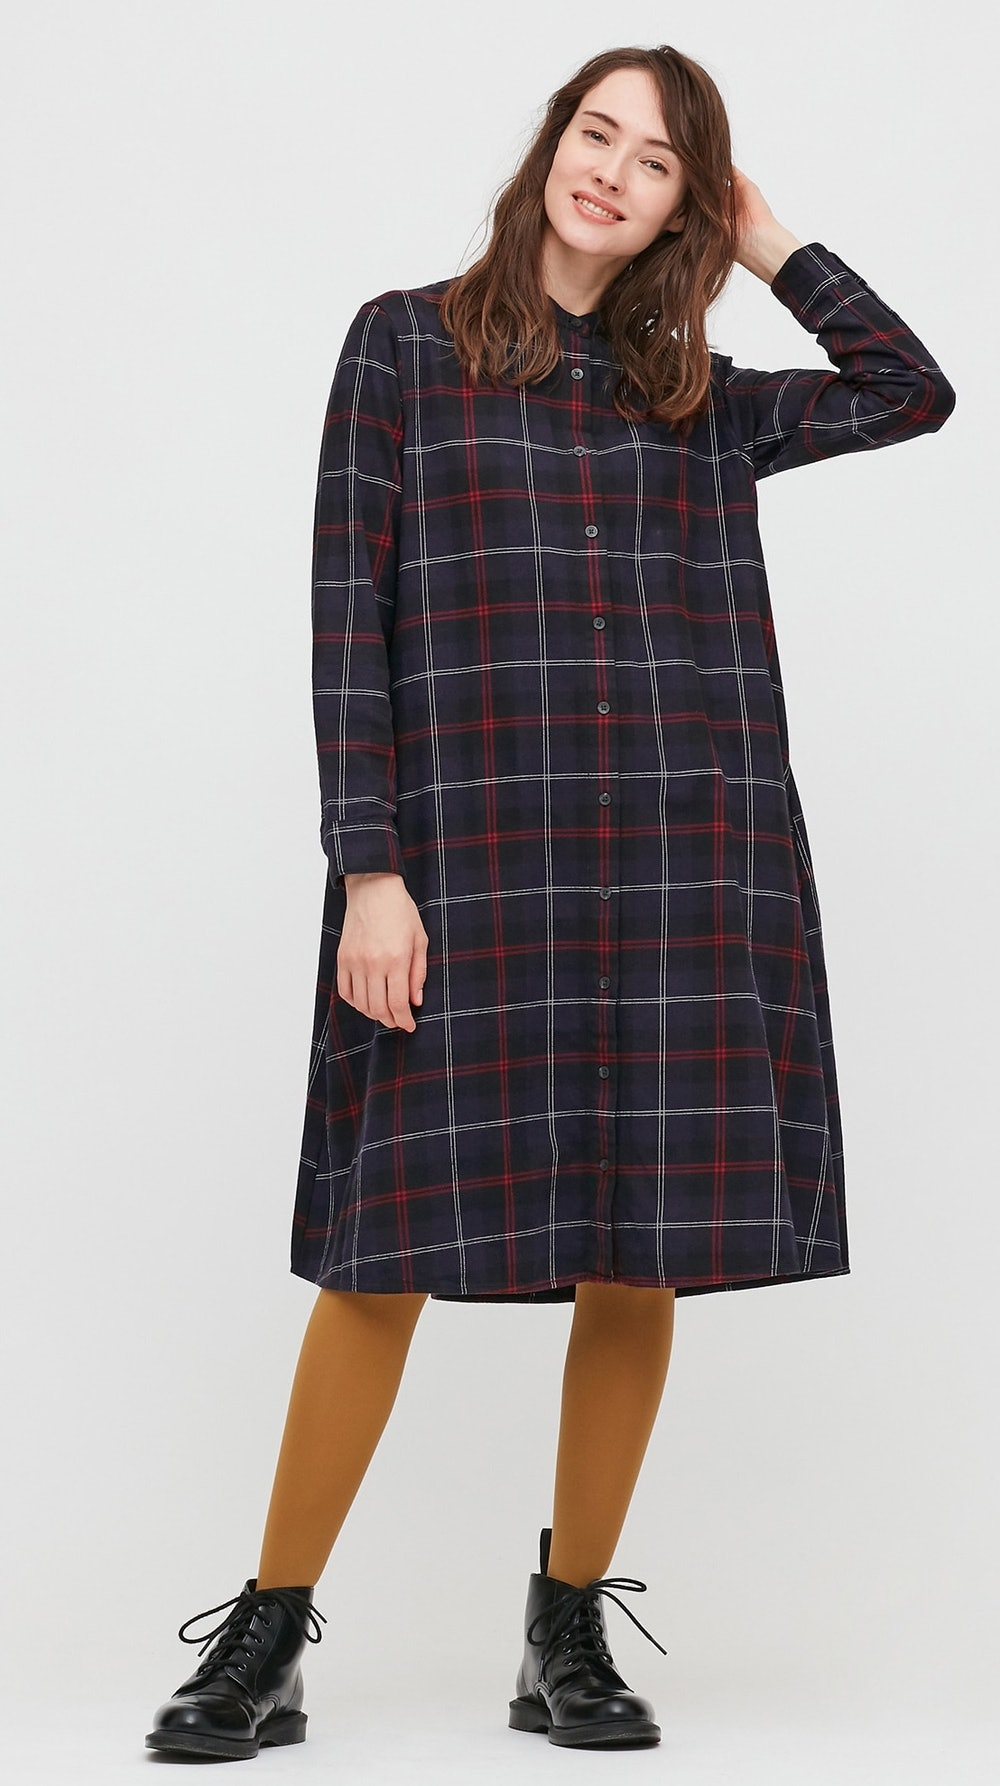 Women Flannel A-Line Long-Sleeve Dress